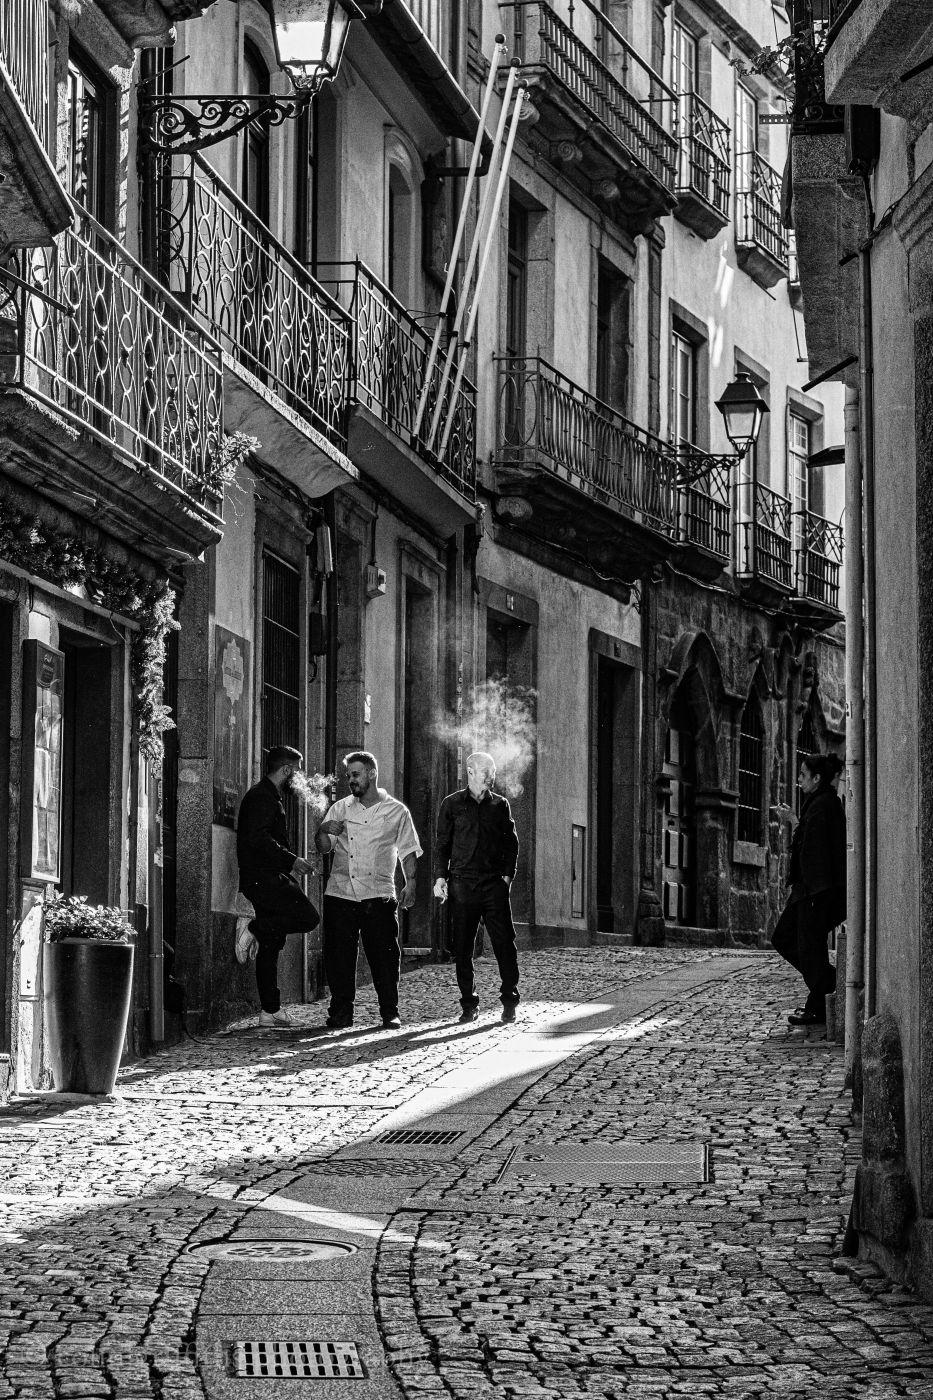 street scene, Portugal